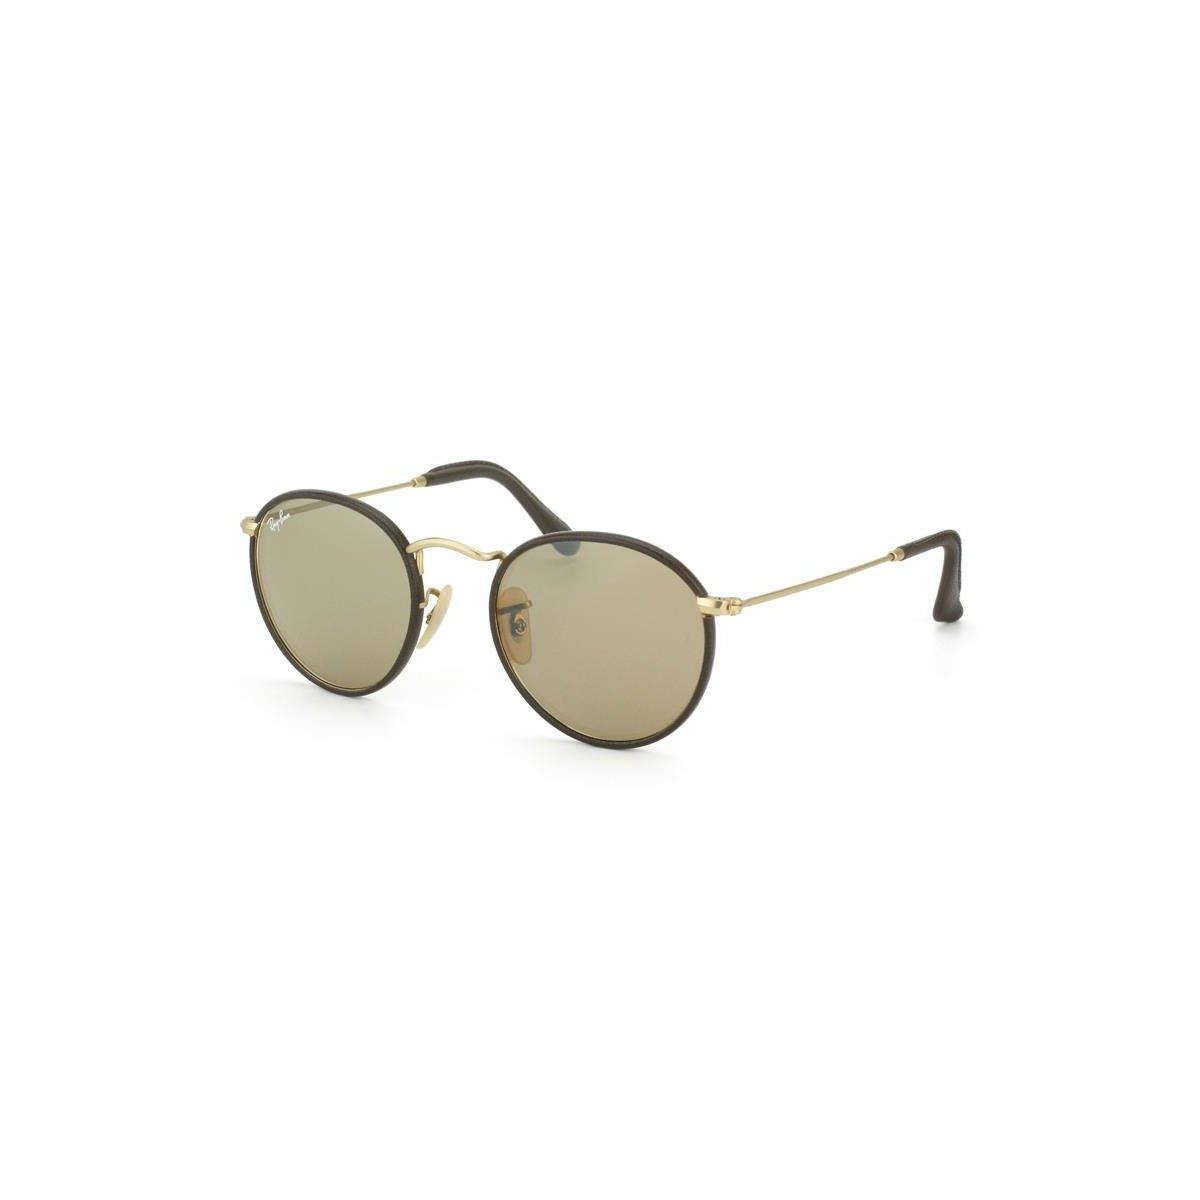 4d3c40e5caa00 Óculos de Sol Ray Ban Tech - Compre Agora   Netshoes